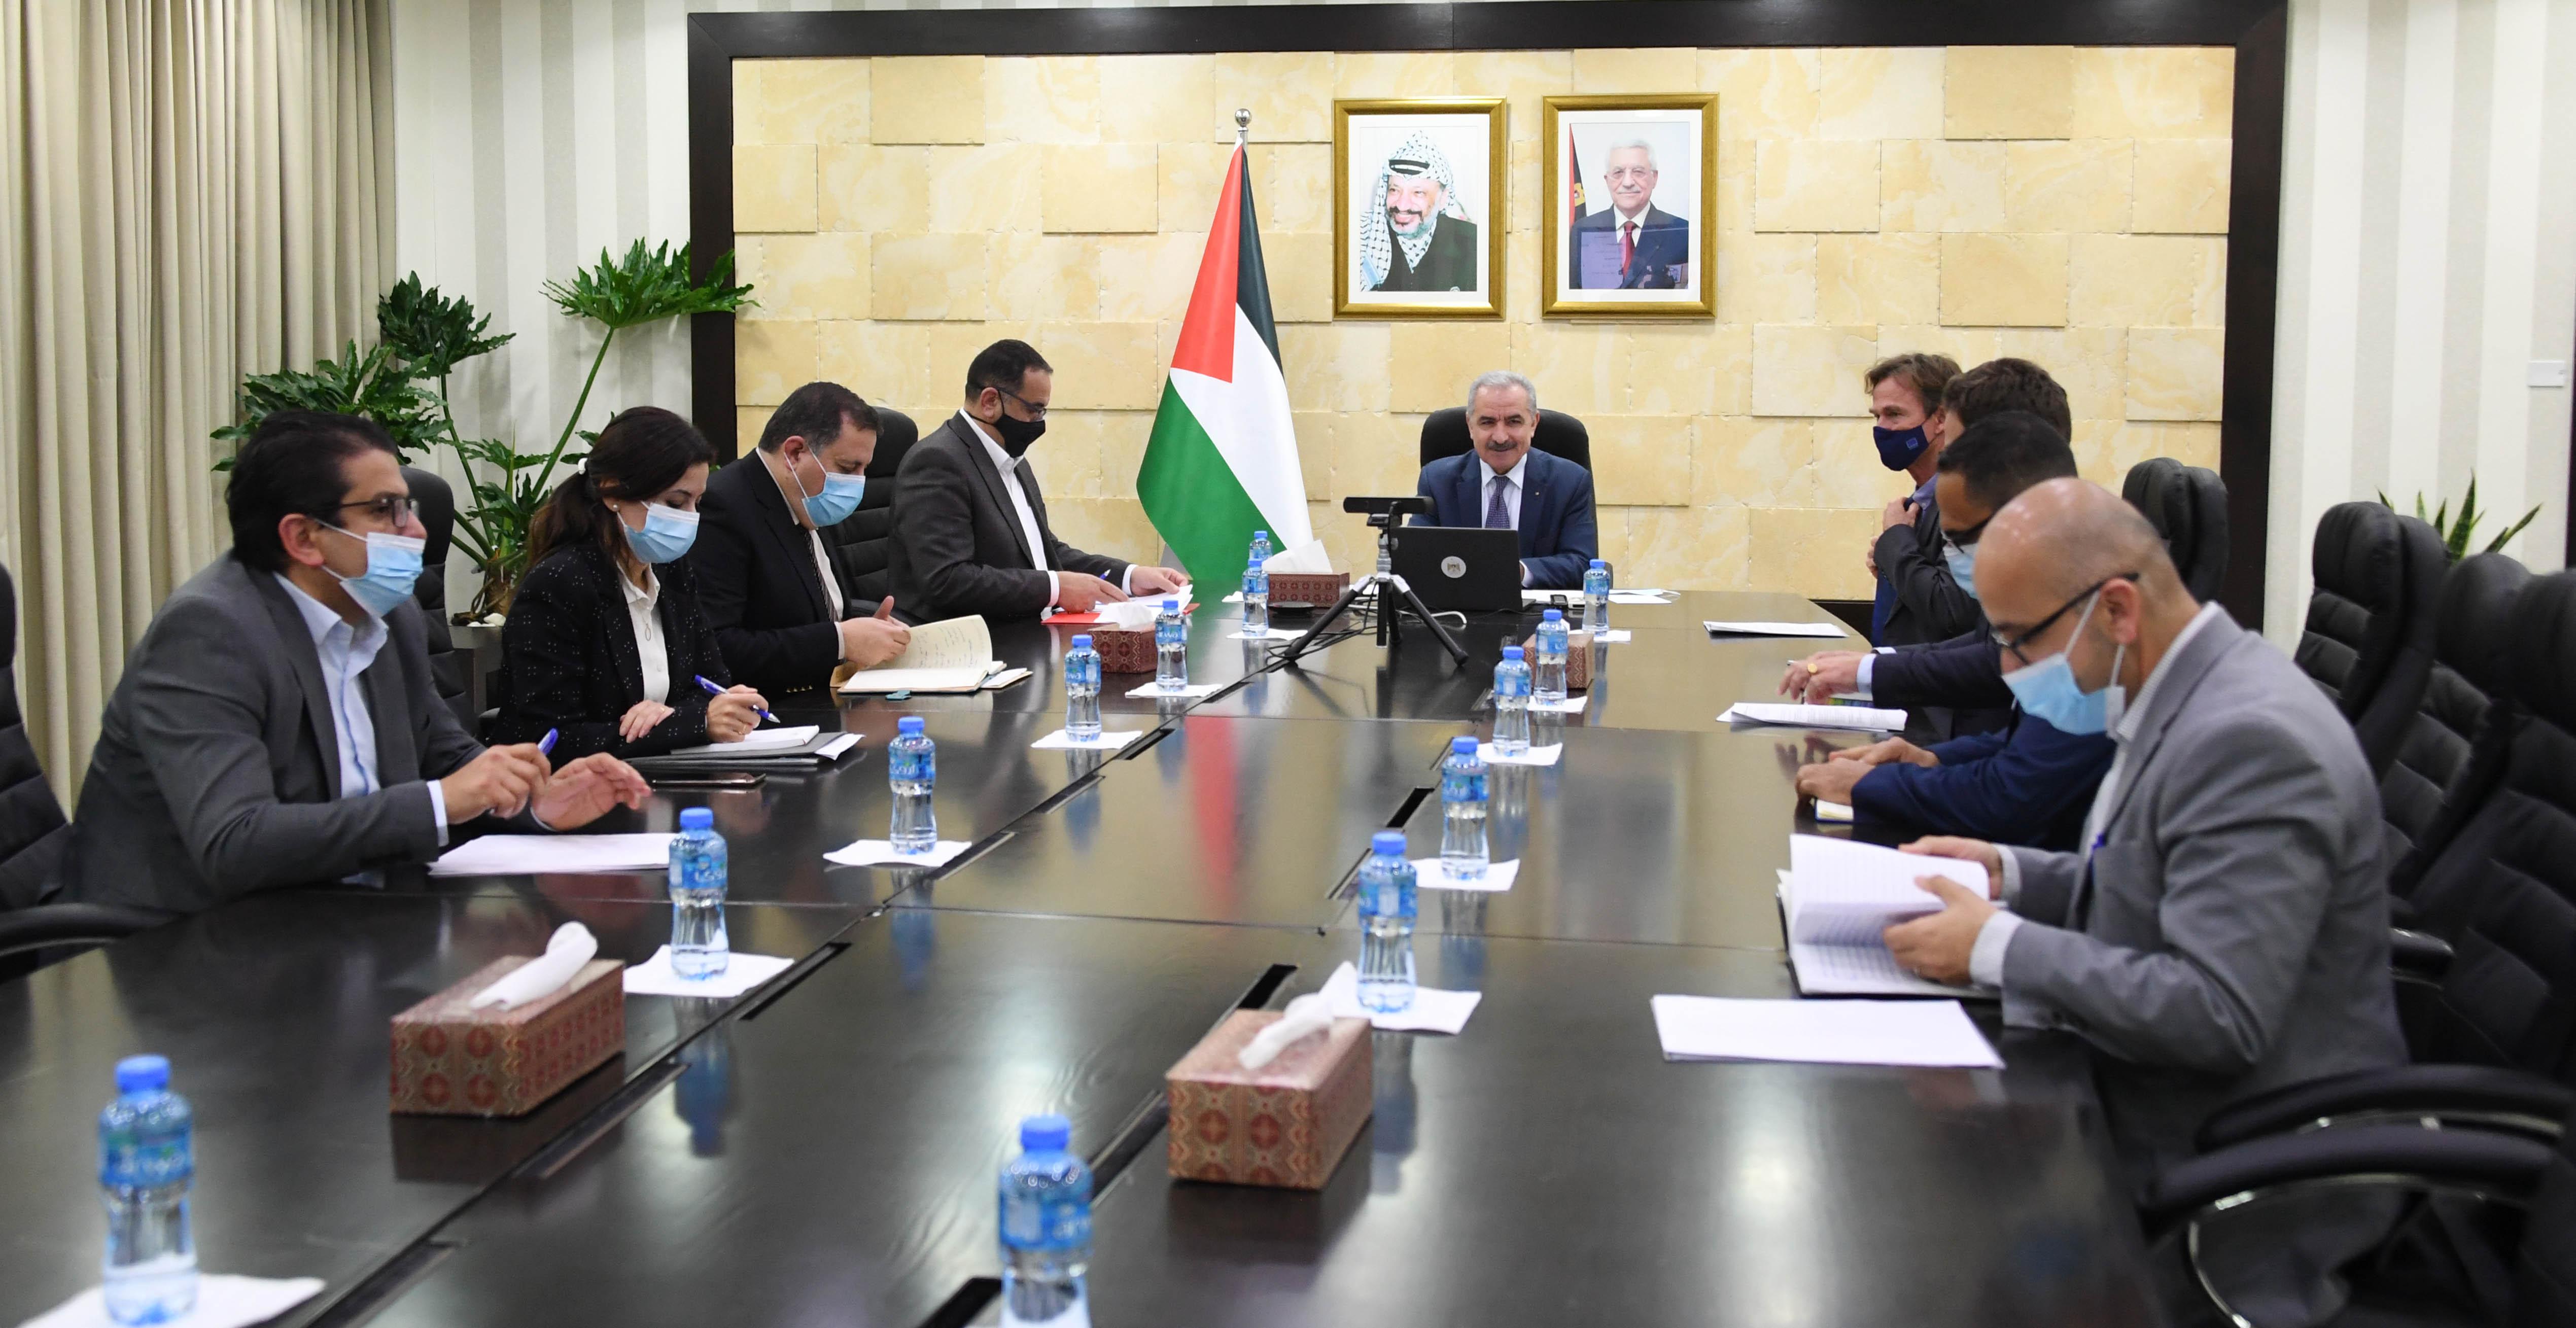 اشتية: تعهد قطري بتوفير 60 مليون دولار وأوروبي بتوفير 20 مليون يورو لإنشاء الخطوط الناقلة للغاز